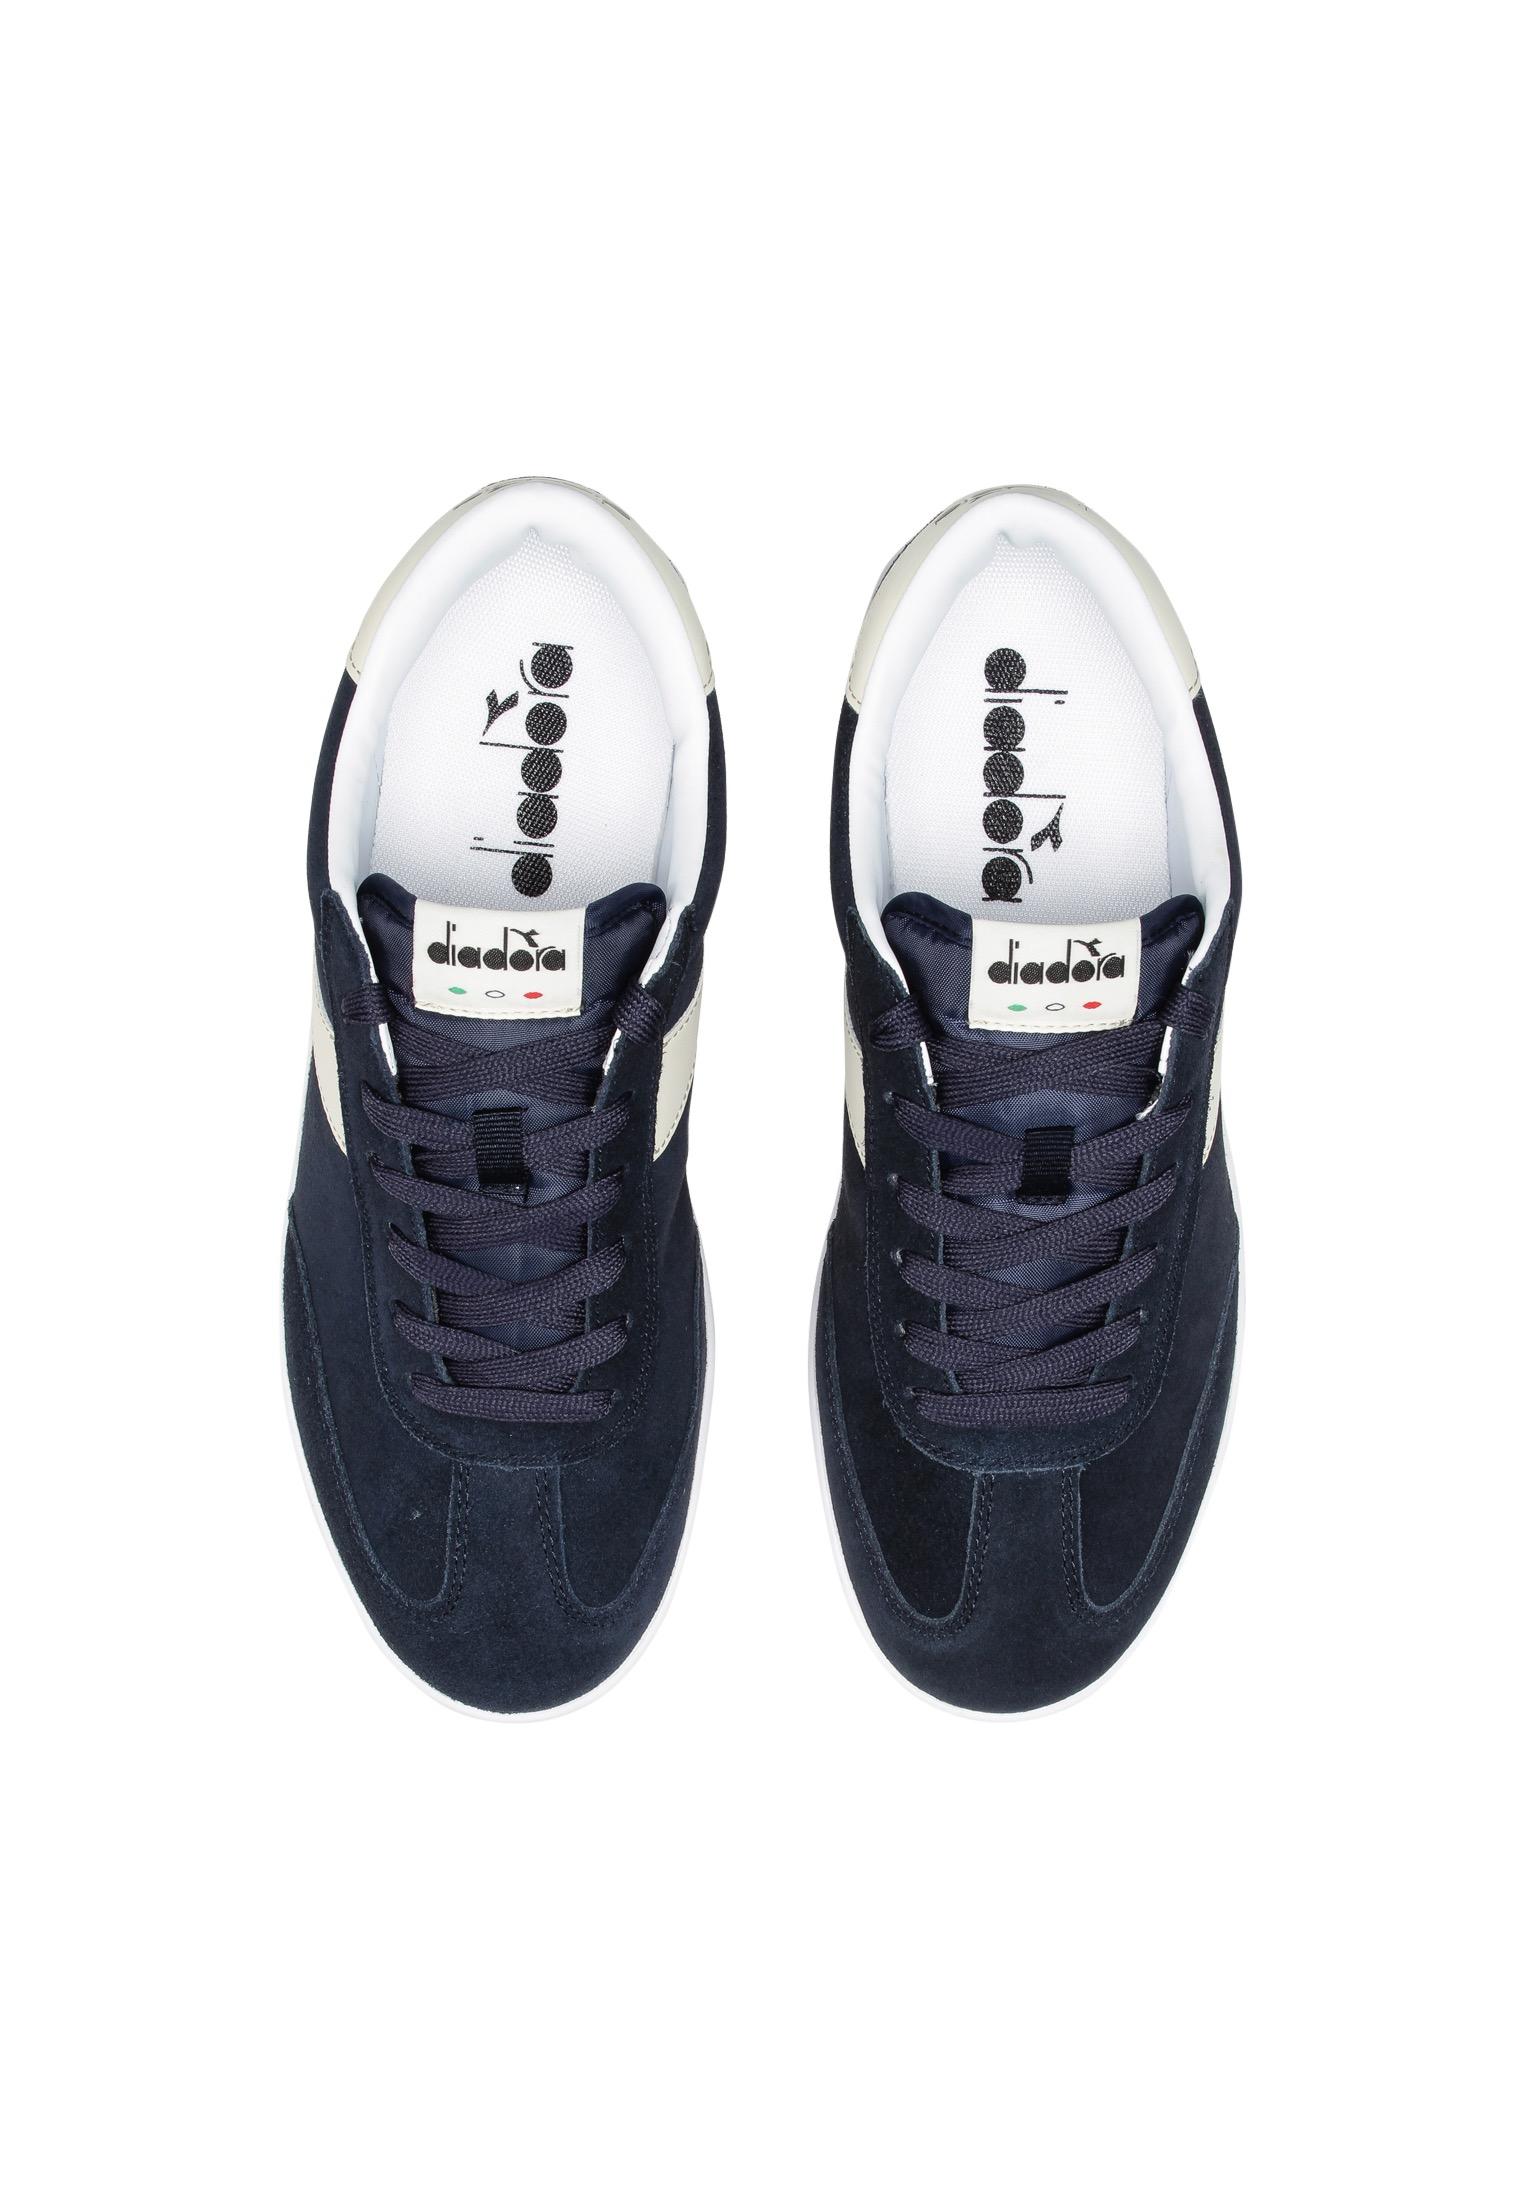 miniatura 36 - Diadora - Sneakers FIELD per uomo e donna